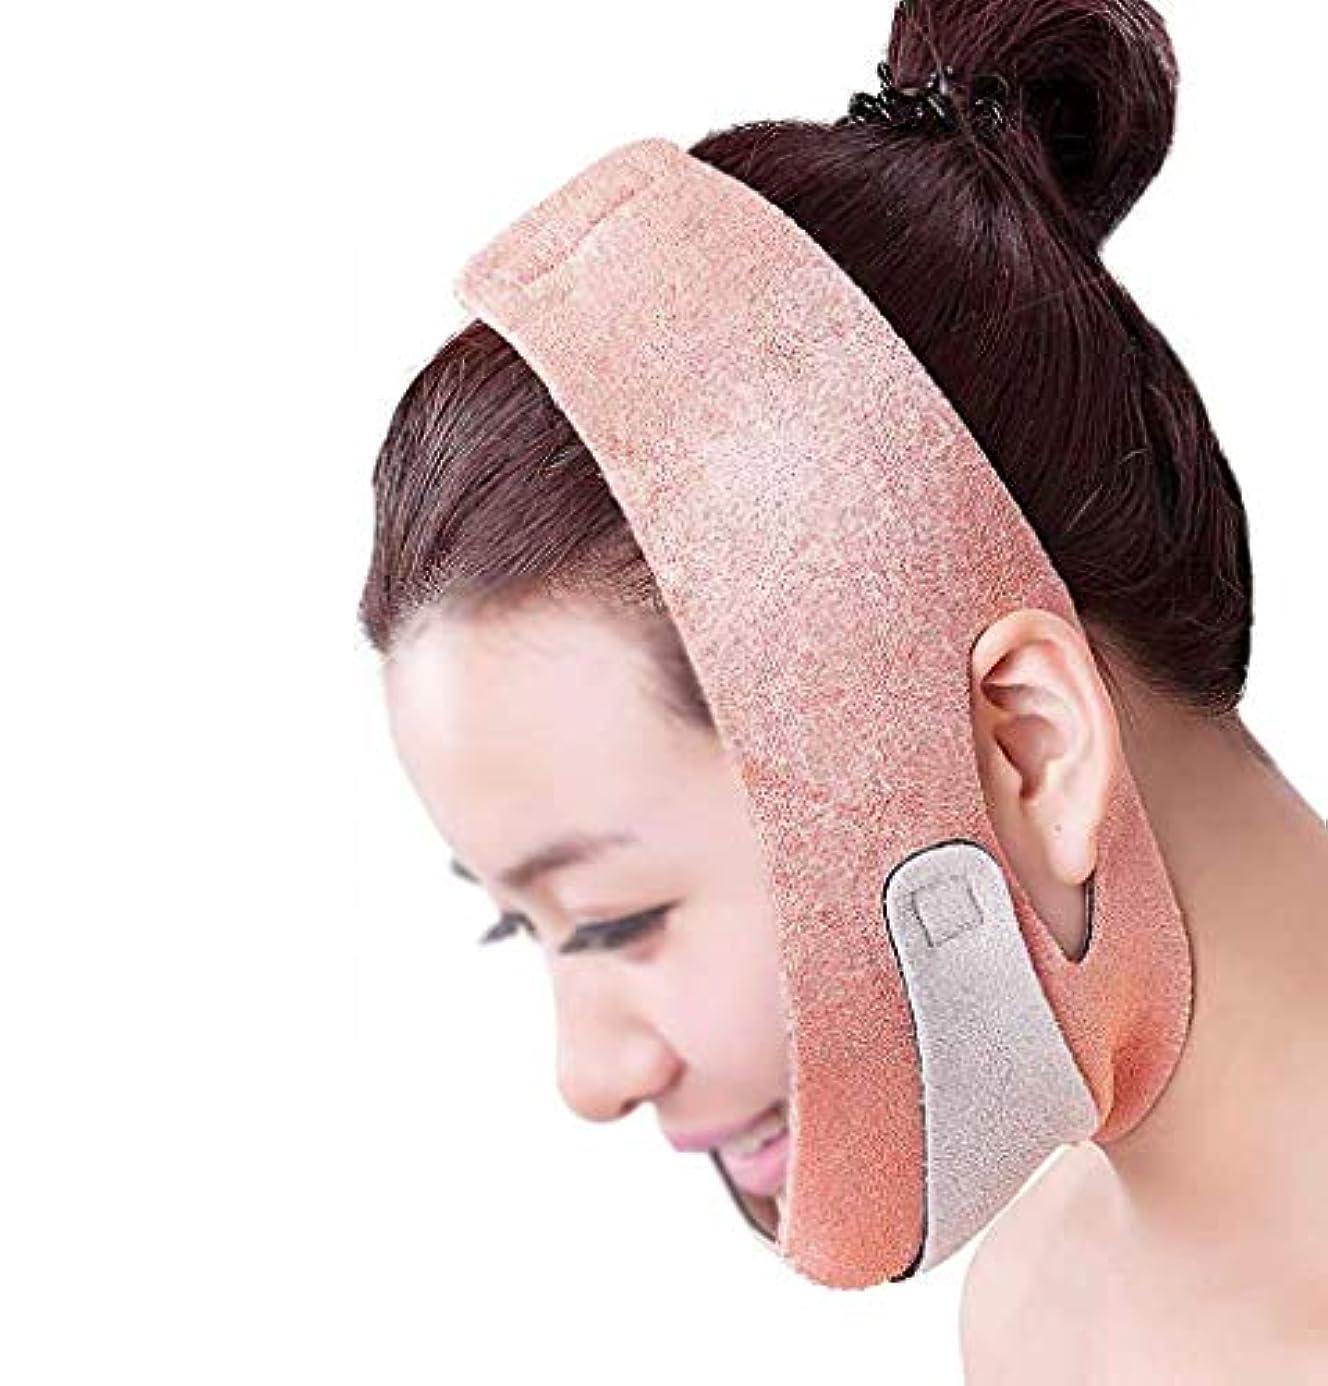 最大のインタビューカートンHEMFV 薄い顔の包帯、ベルトフェイスマッサージツールは、二重あごをなくすリフティングVラインフェイスシェイプチンチークリフトアップアンチリンクルを作成します。 (Color : Pink)